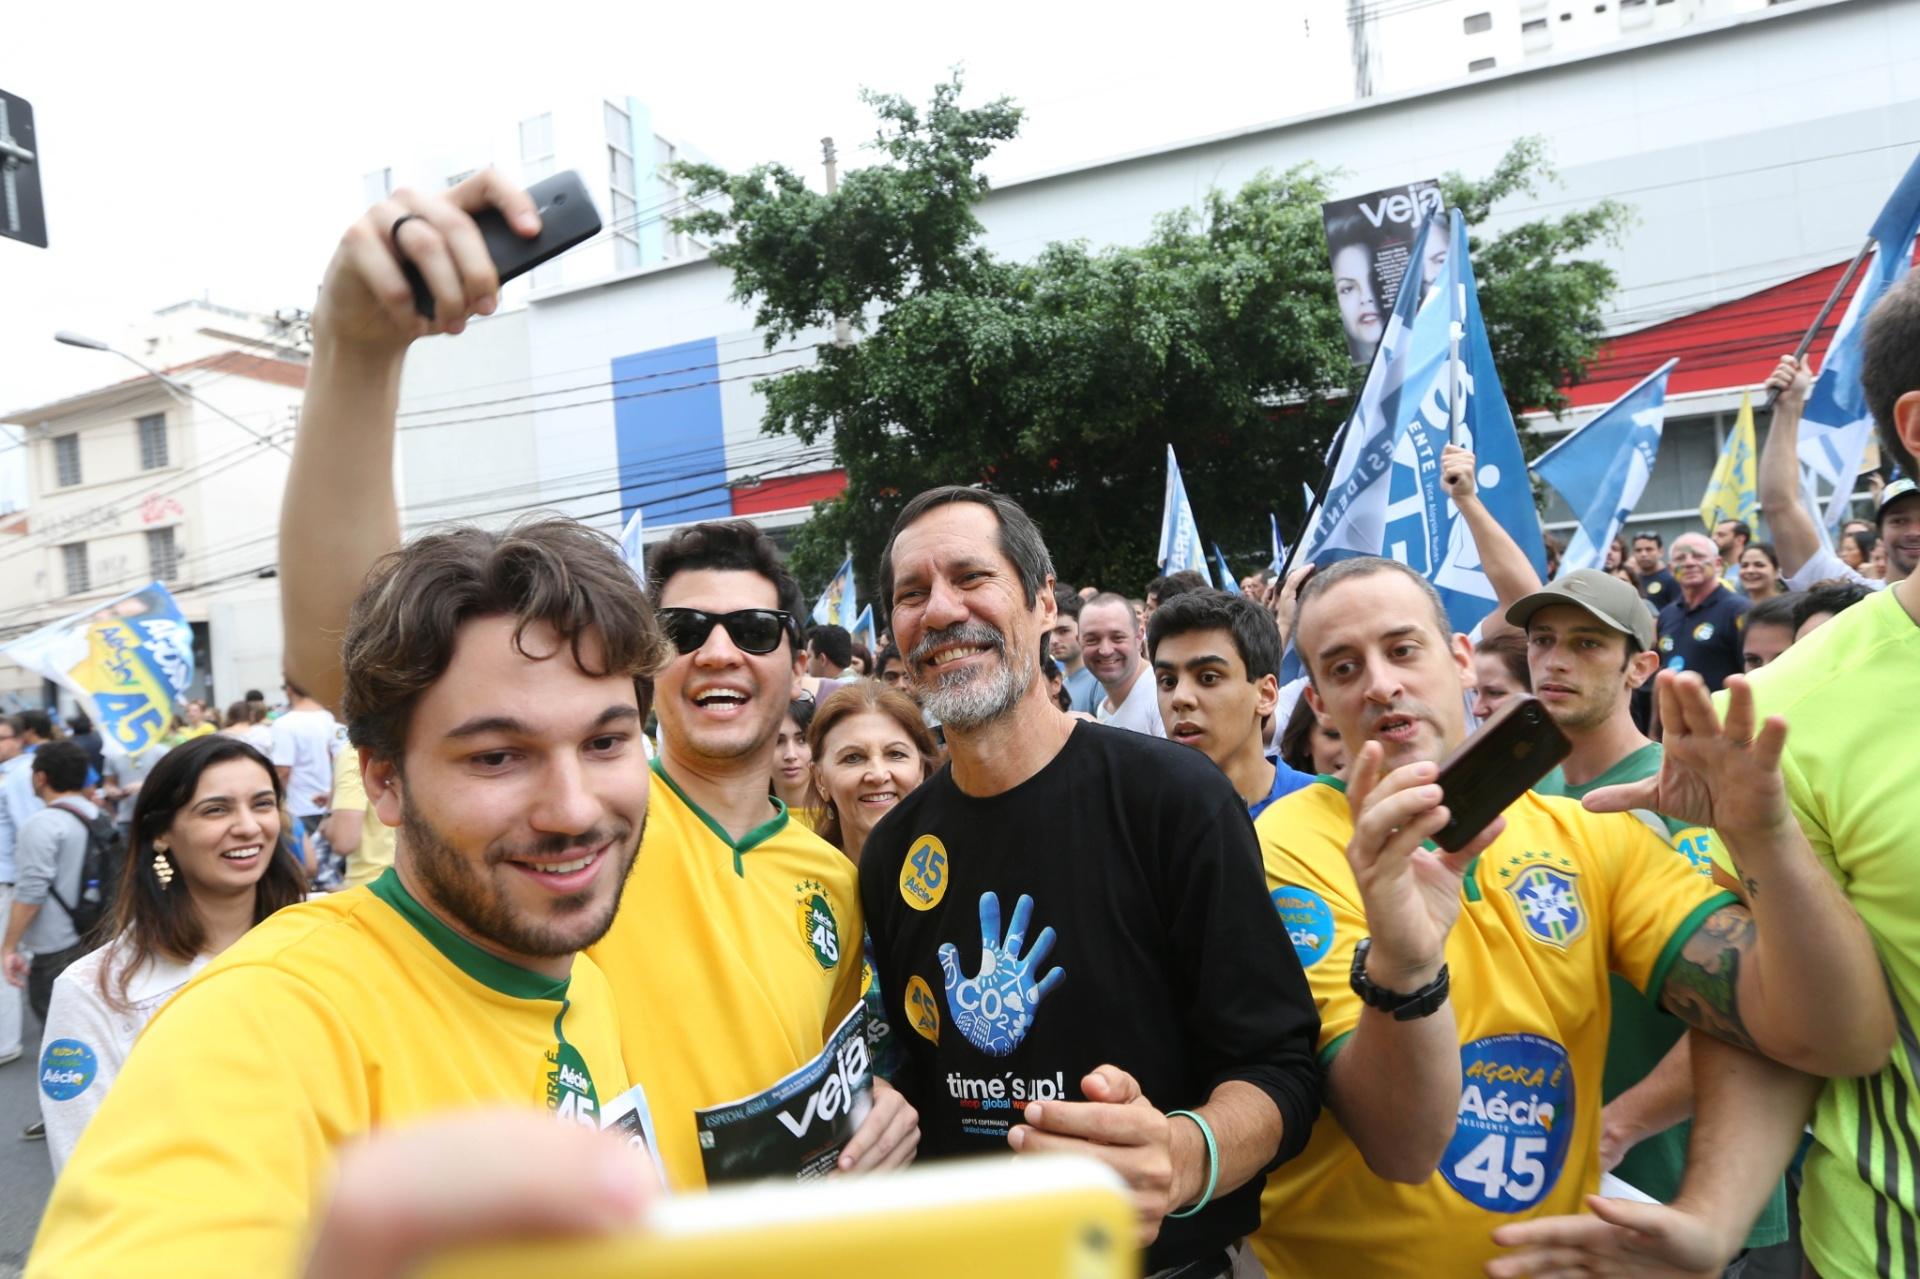 25.out.2014 - O candidato derrotado à Presidência Eduardo Jorge (PV) tira selfie com militante durante evento em apoio à candidatura de Aécio Neves na avenida Paulista, em São Paulo